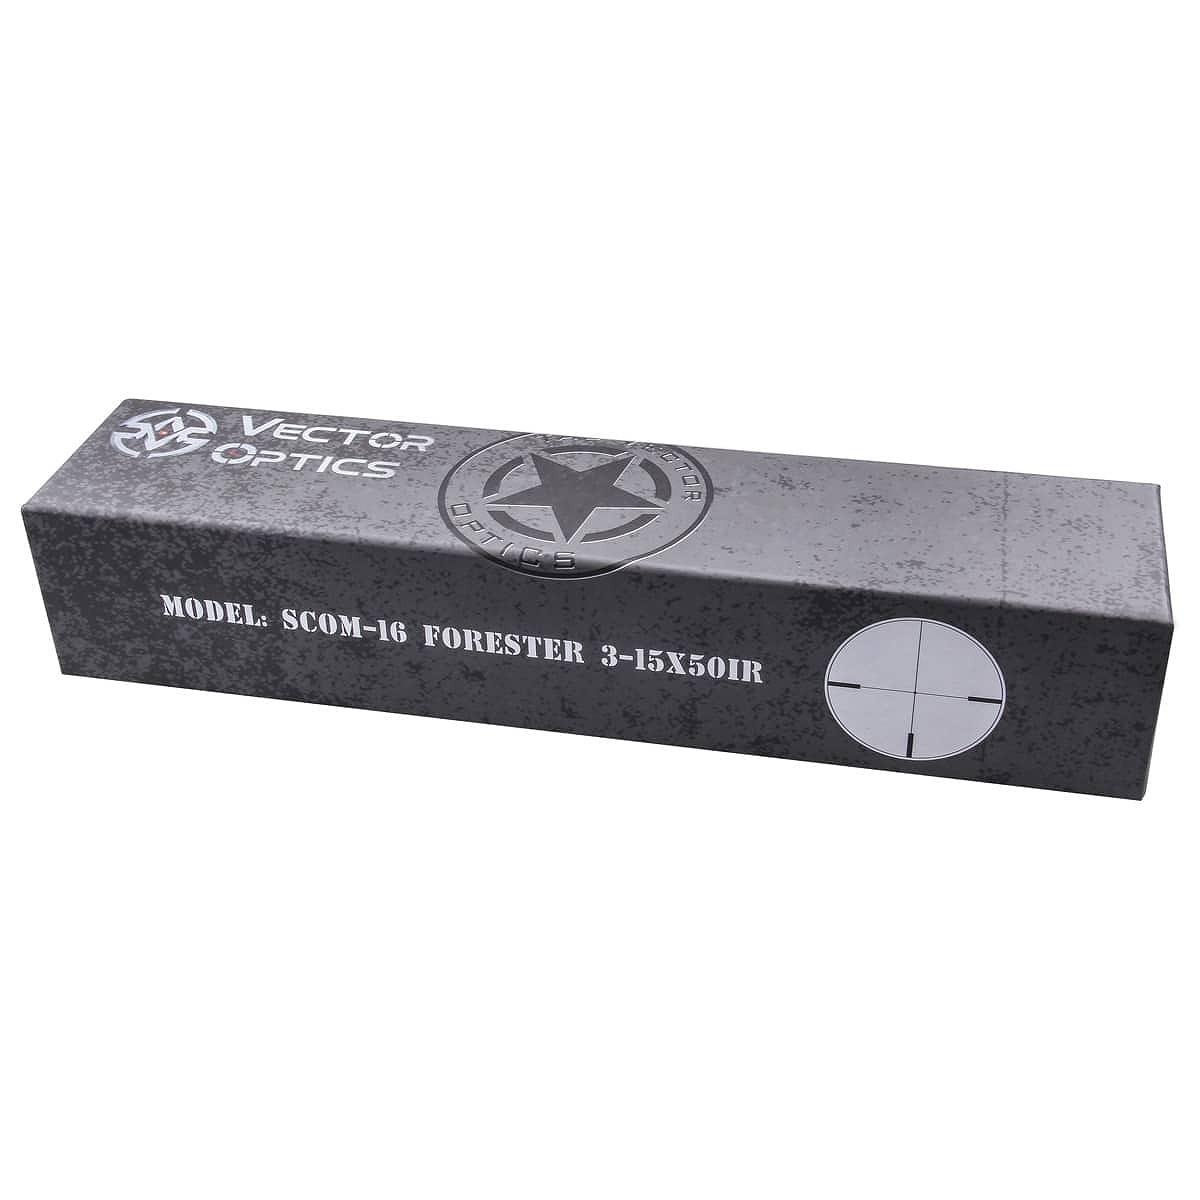 【お届け予定日: 4月30日】ベクターオプティクス ライフルスコープ Forester 3-15x50  Vector Optics SCOM-16